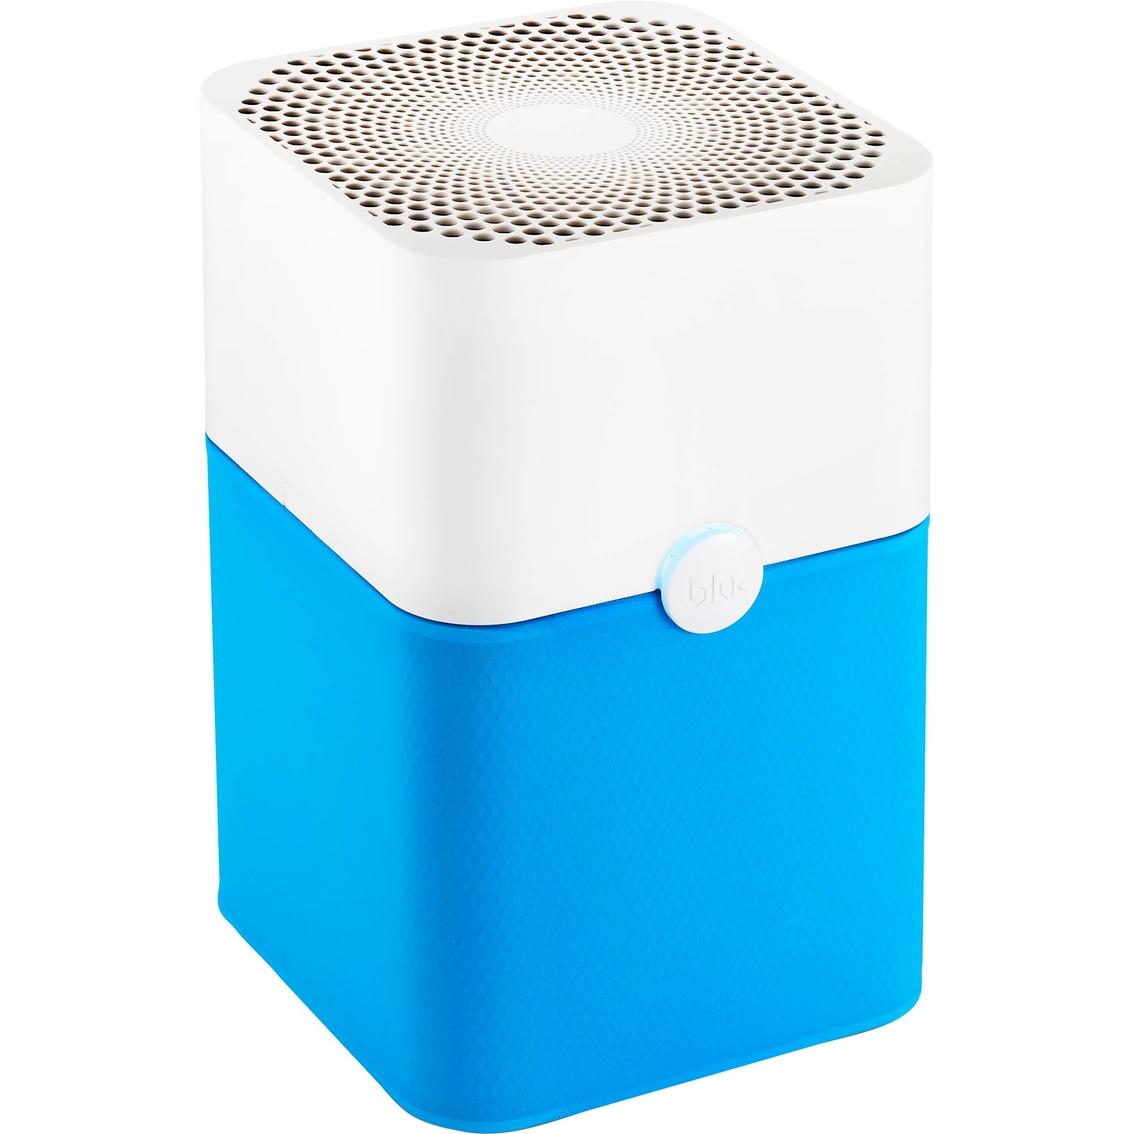 Blueair blue 211 air purifier plus home air filter replacements blueair blue 211 air purifier plus malvernweather Gallery